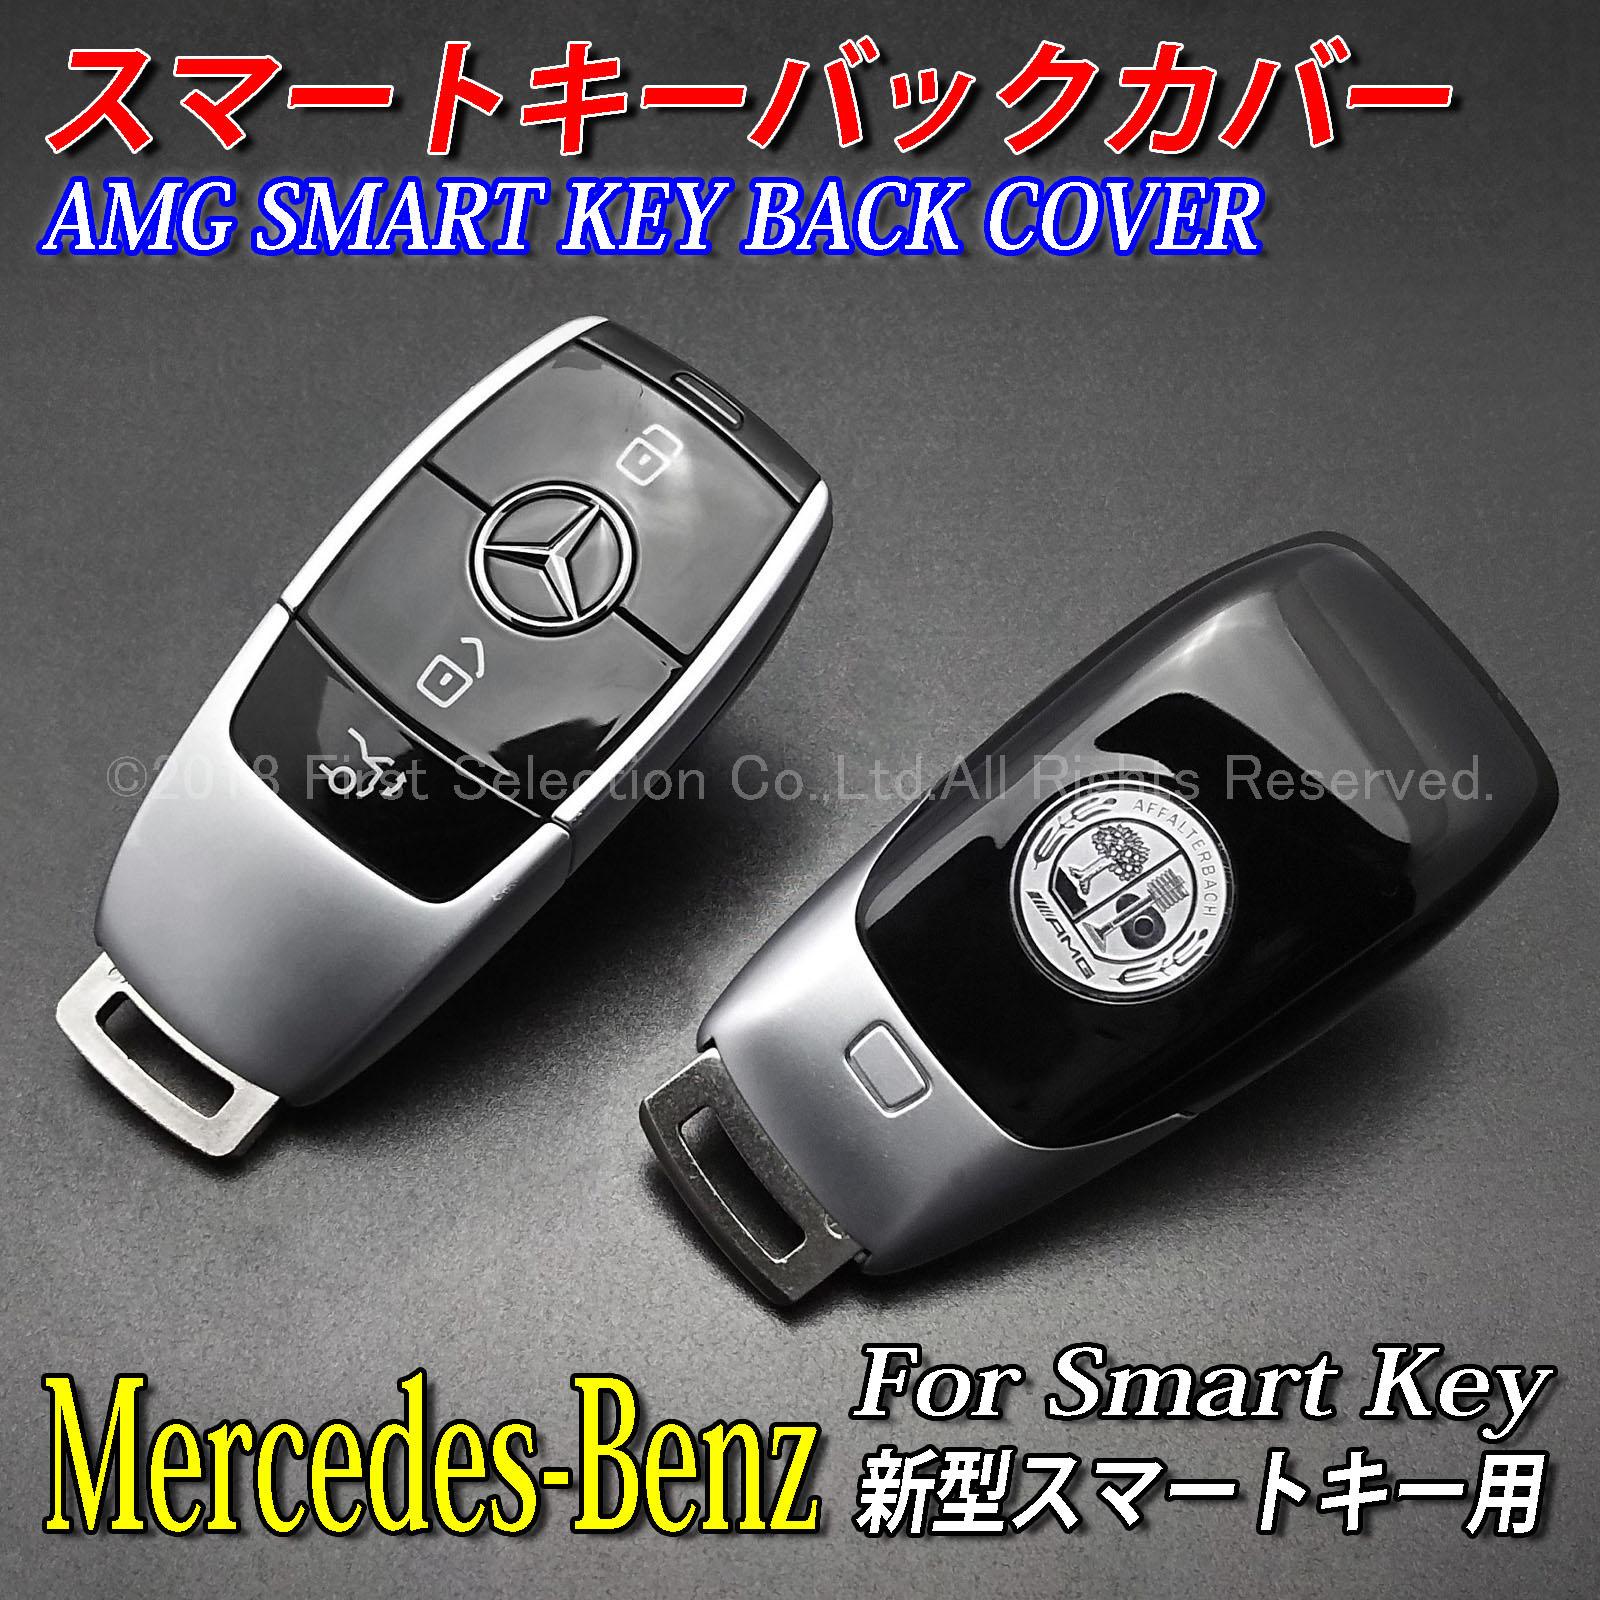 Mercedes-Benz ベンツ AMGロゴ 新型スマートキー用 キーバックカバー アップルツリー W177 V177 W247 W205 W213 W222 C118 C257 H247 X247 X167